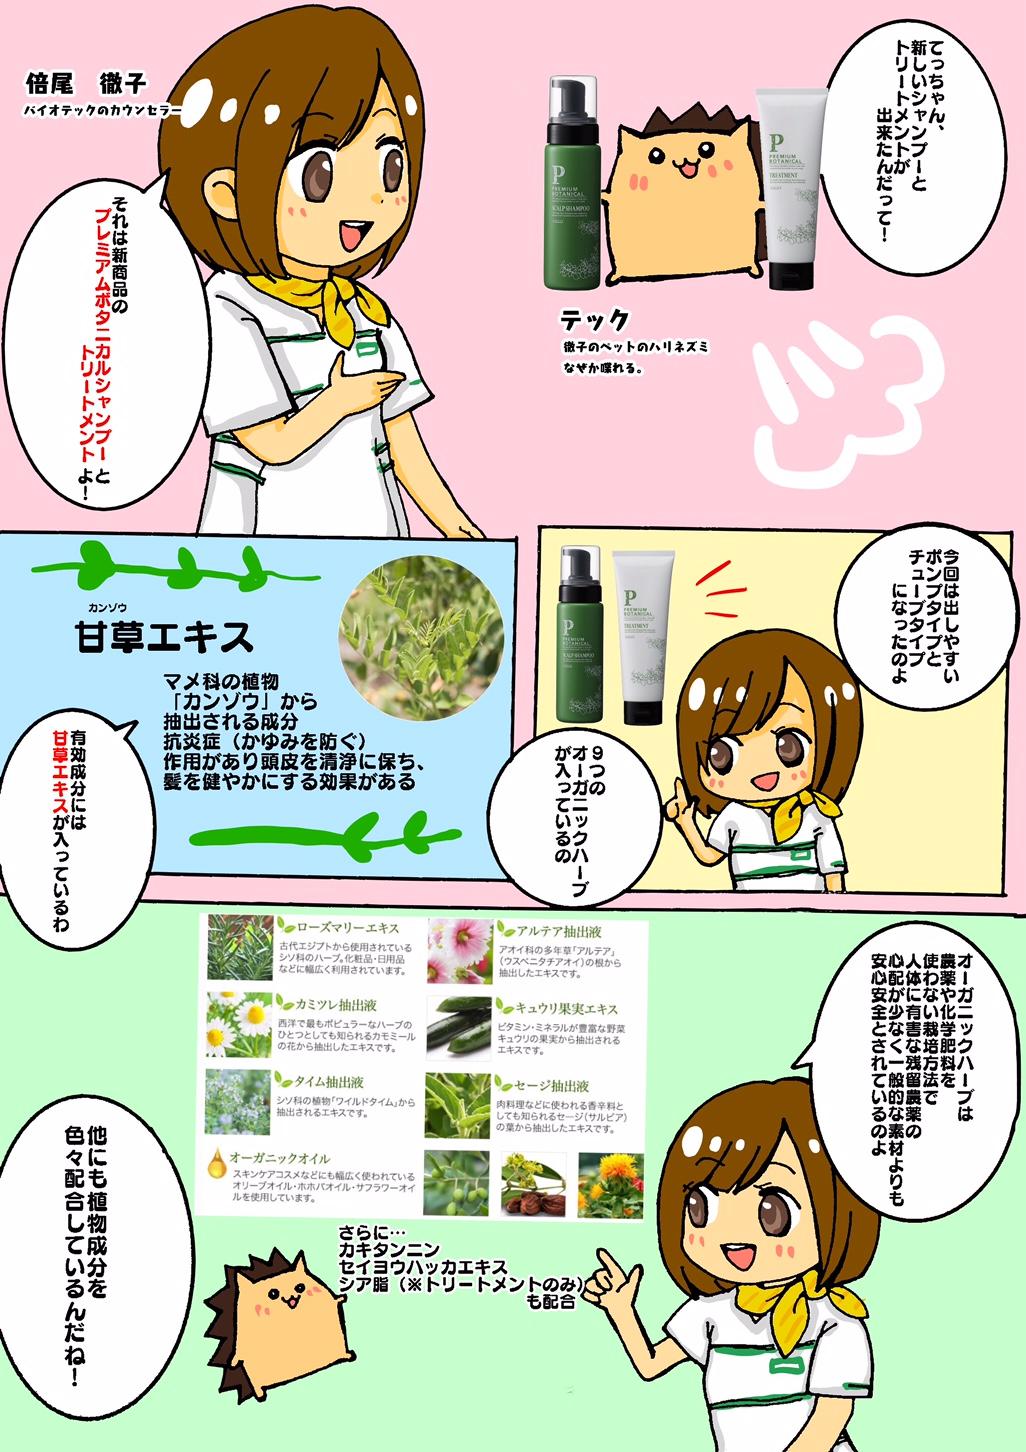 新☆BIO漫画 第二話 プレミアムボタニカルシャンプー&トリートメントの話